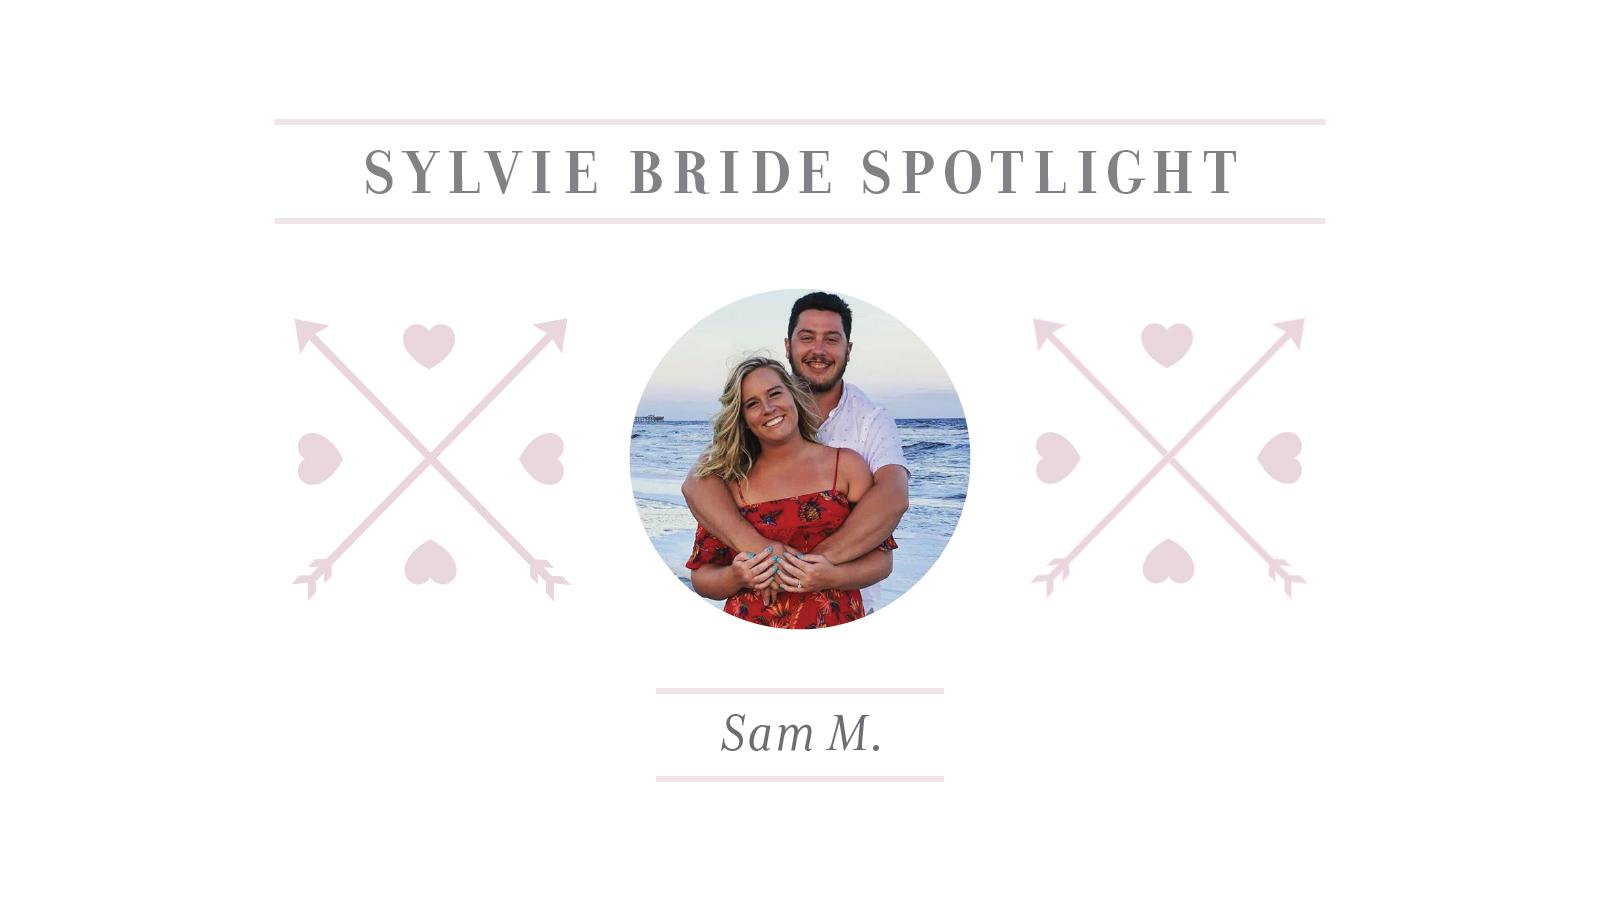 Sylvie Bride Spotlight - Sam M